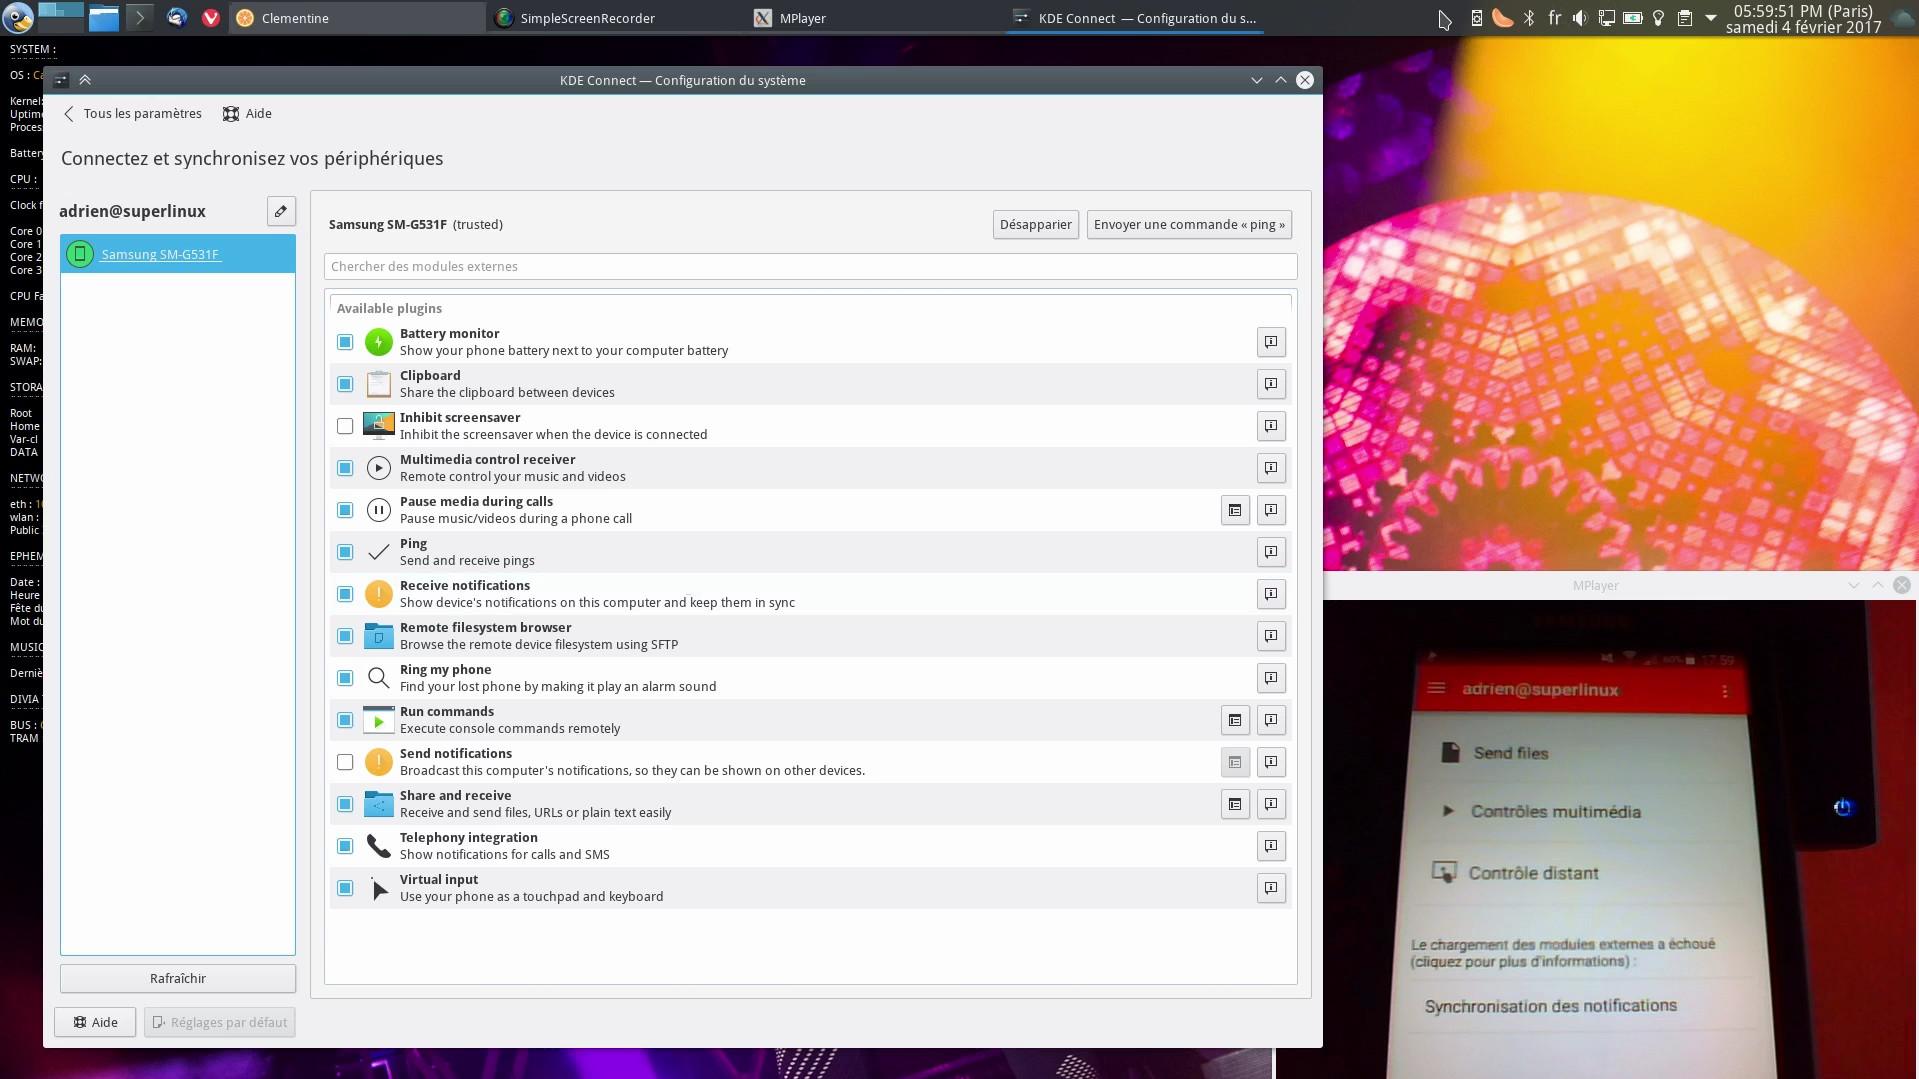 KDEConnect : Connecter son smartphone Android à KDE sous